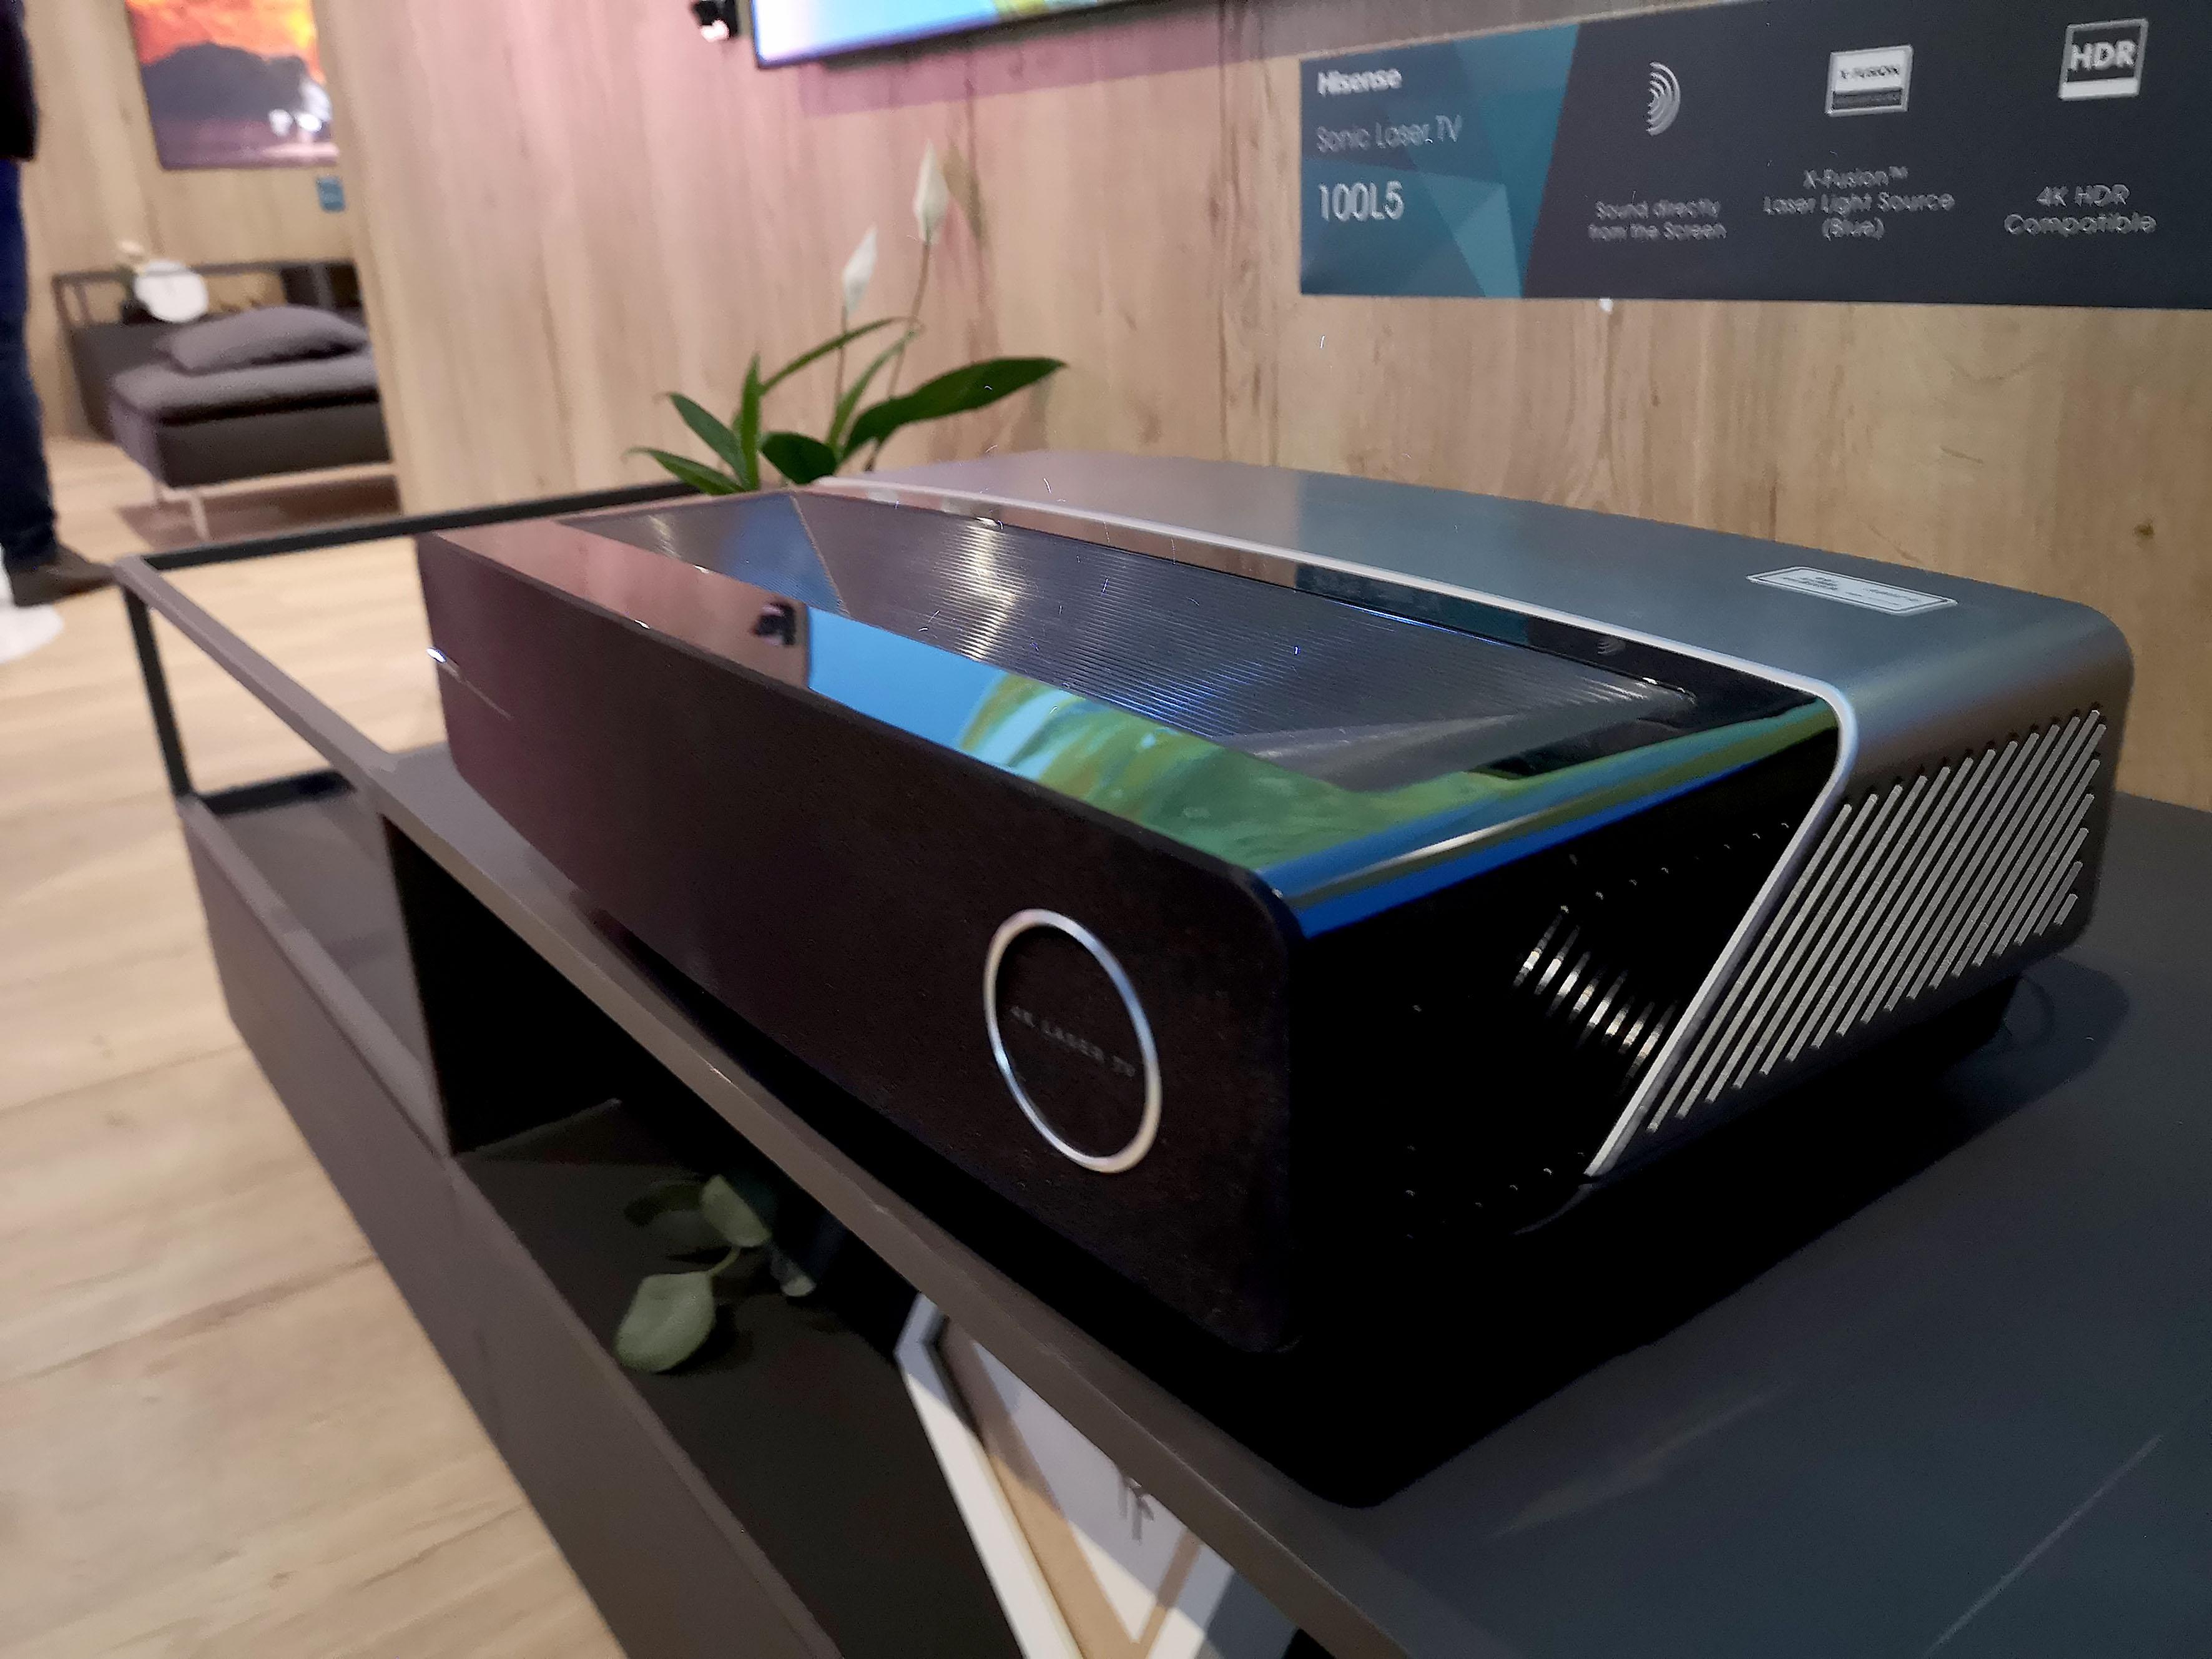 Foto: Michael B. Rehders - Ein Laser-Projektor befeuert die Leinwände so hell, dass selbst bei Tageslicht ein kontraststarkes Bild möglich ist. Toller TV-Ersatz!